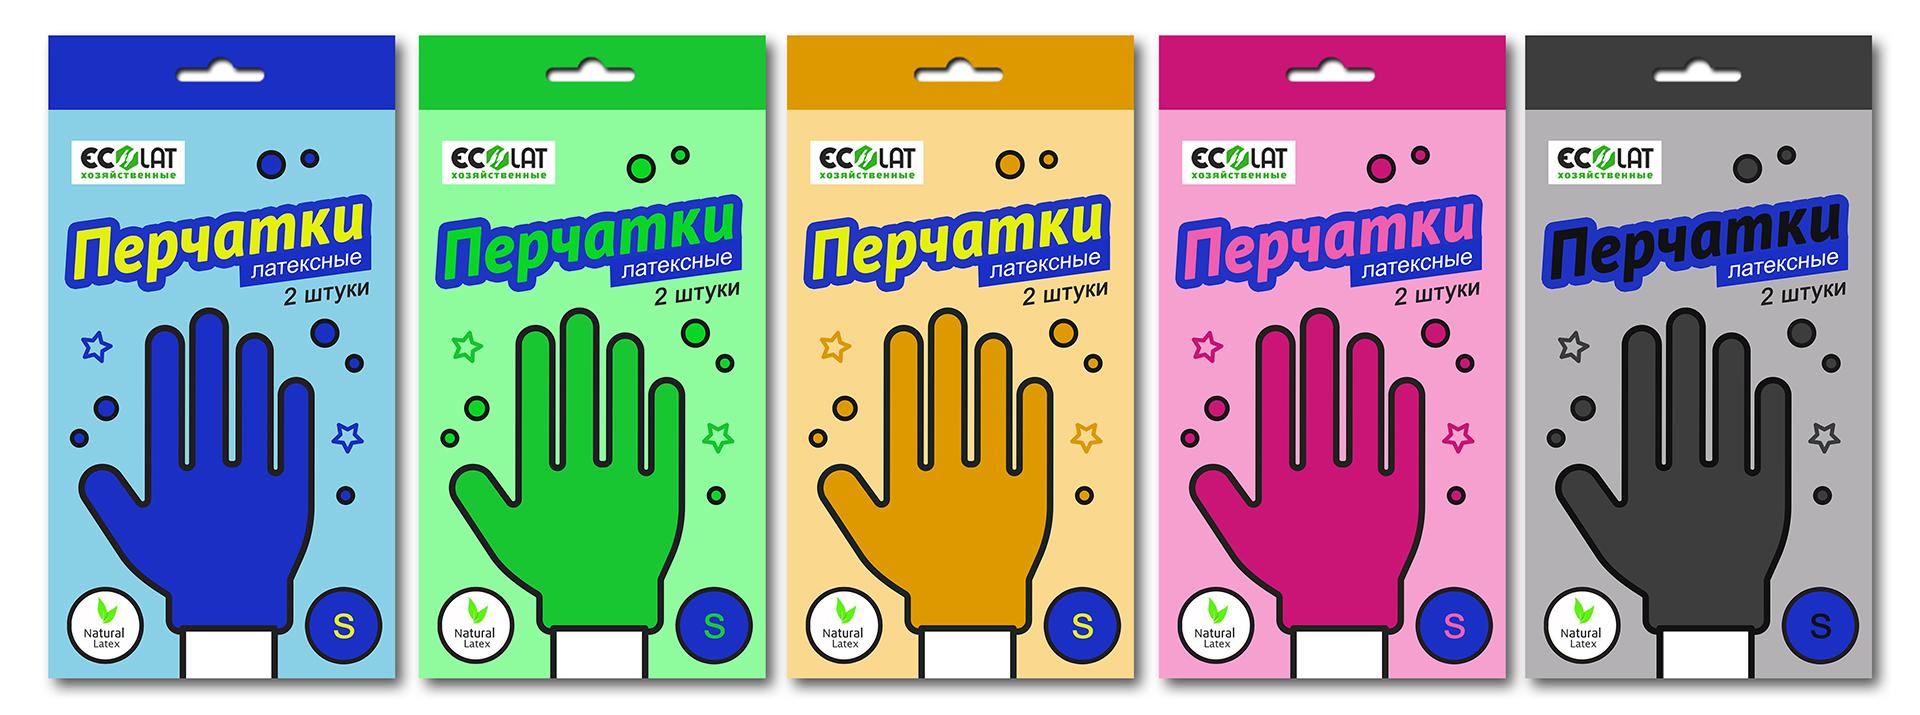 Создать дизайн для хозяйственных перчаток для упаковки flow pack фото f_6255d6d2a26e21ca.jpg